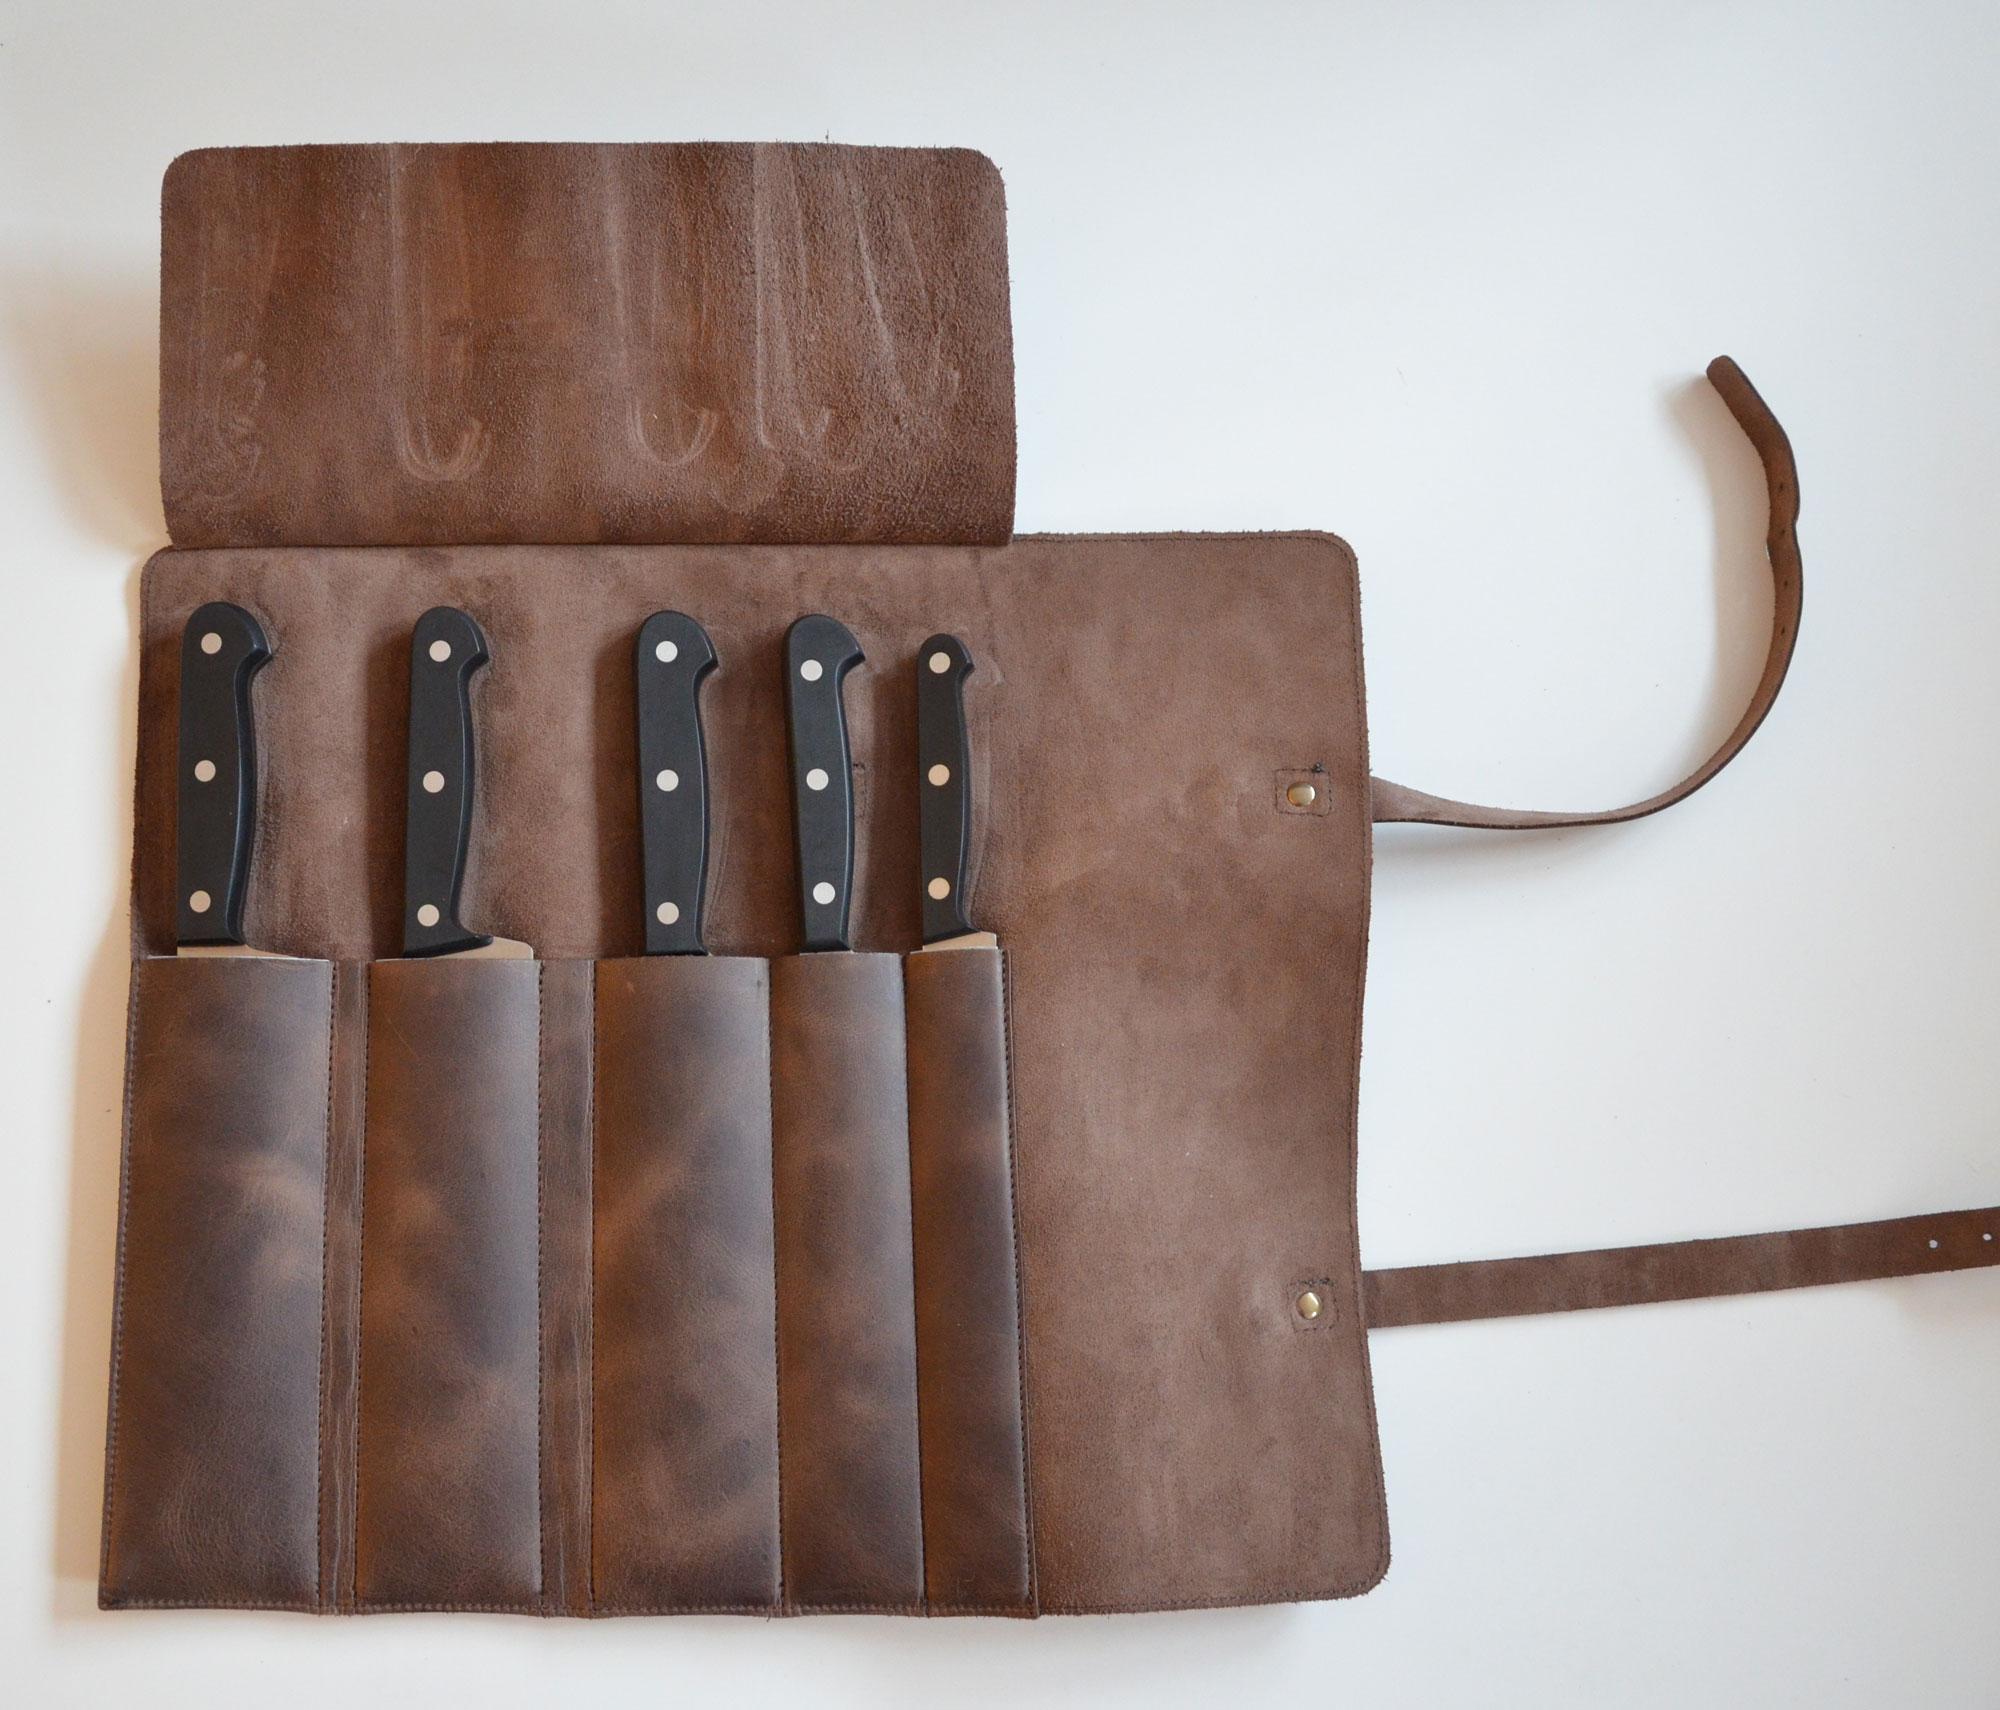 Fundas kit de cuchillos